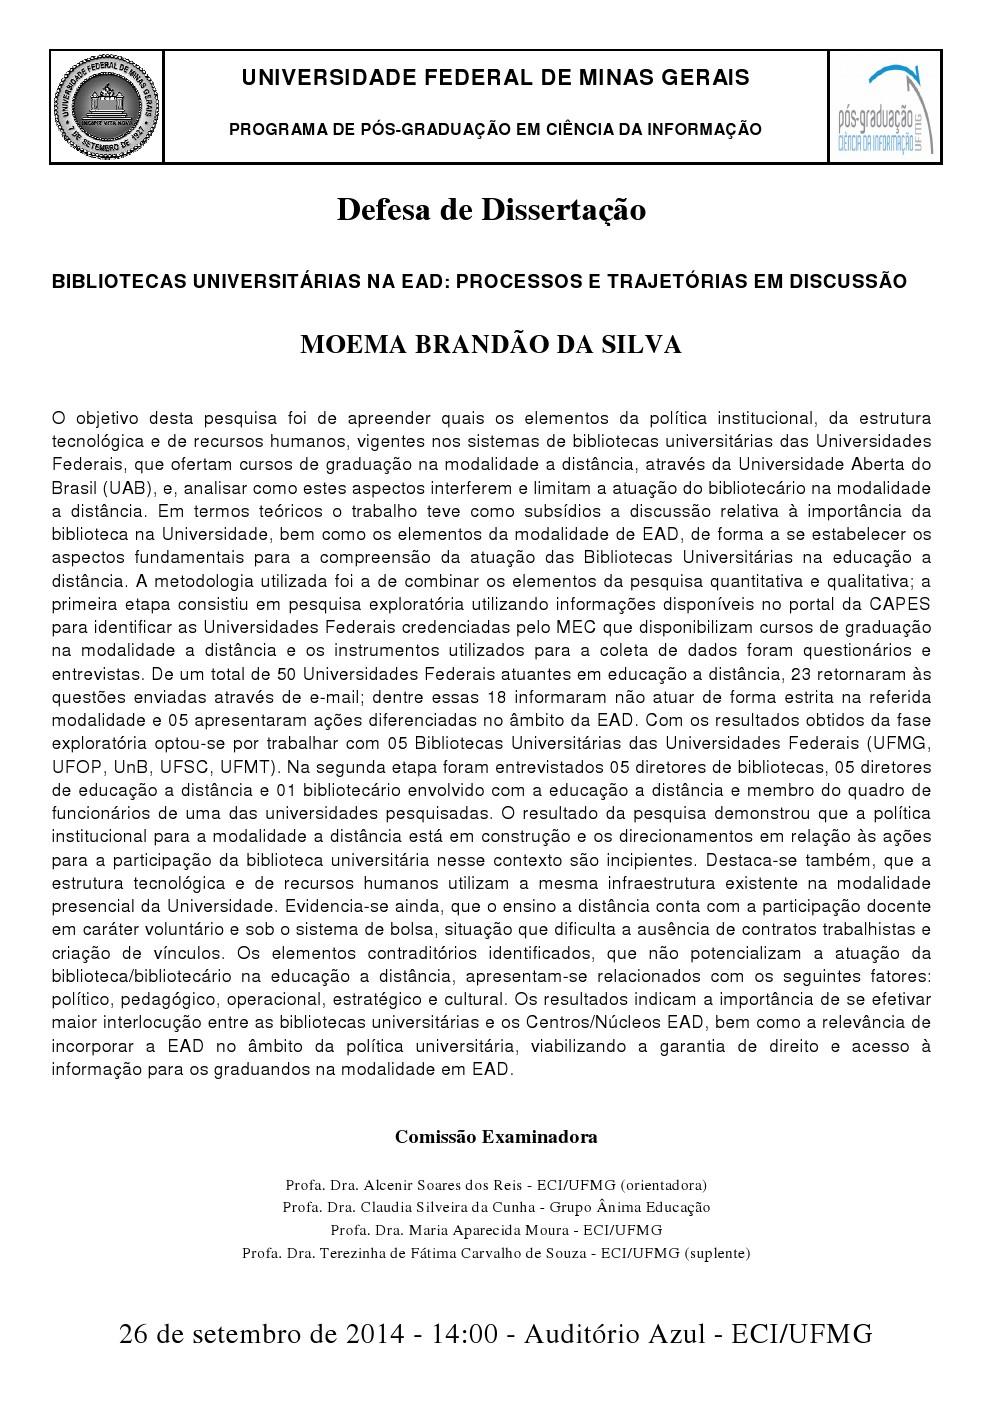 Defesa de Dissertação Moema Brandão da Silva